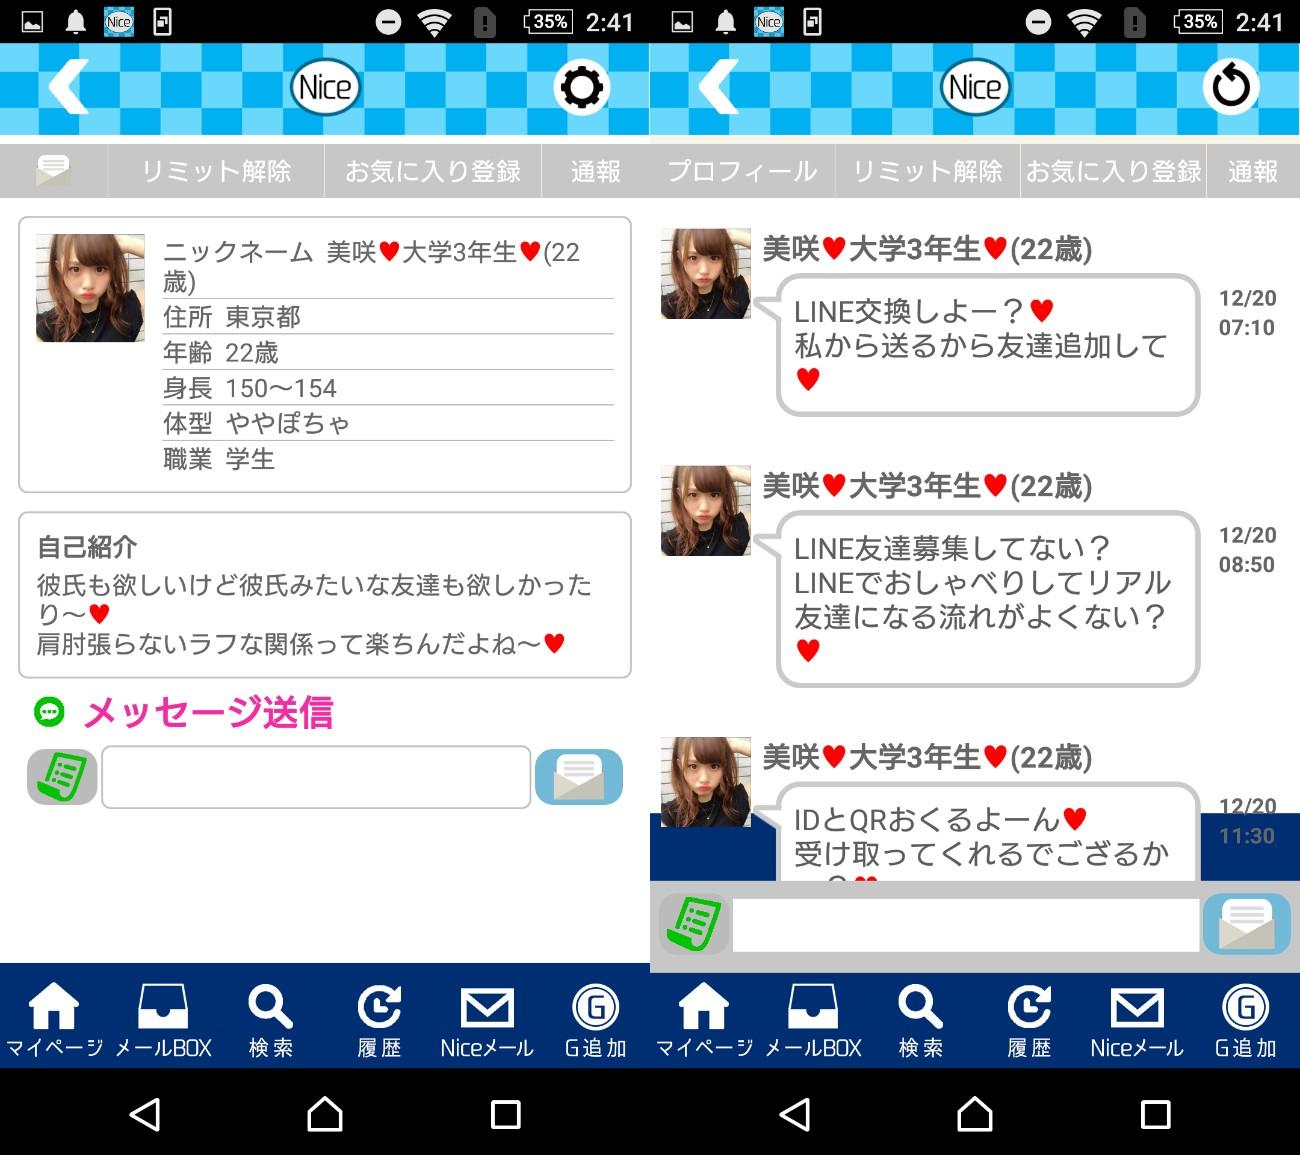 簡単登録で楽しくNiceTalk:恋活マッチングSNSアプリサクラの美咲大学3年生